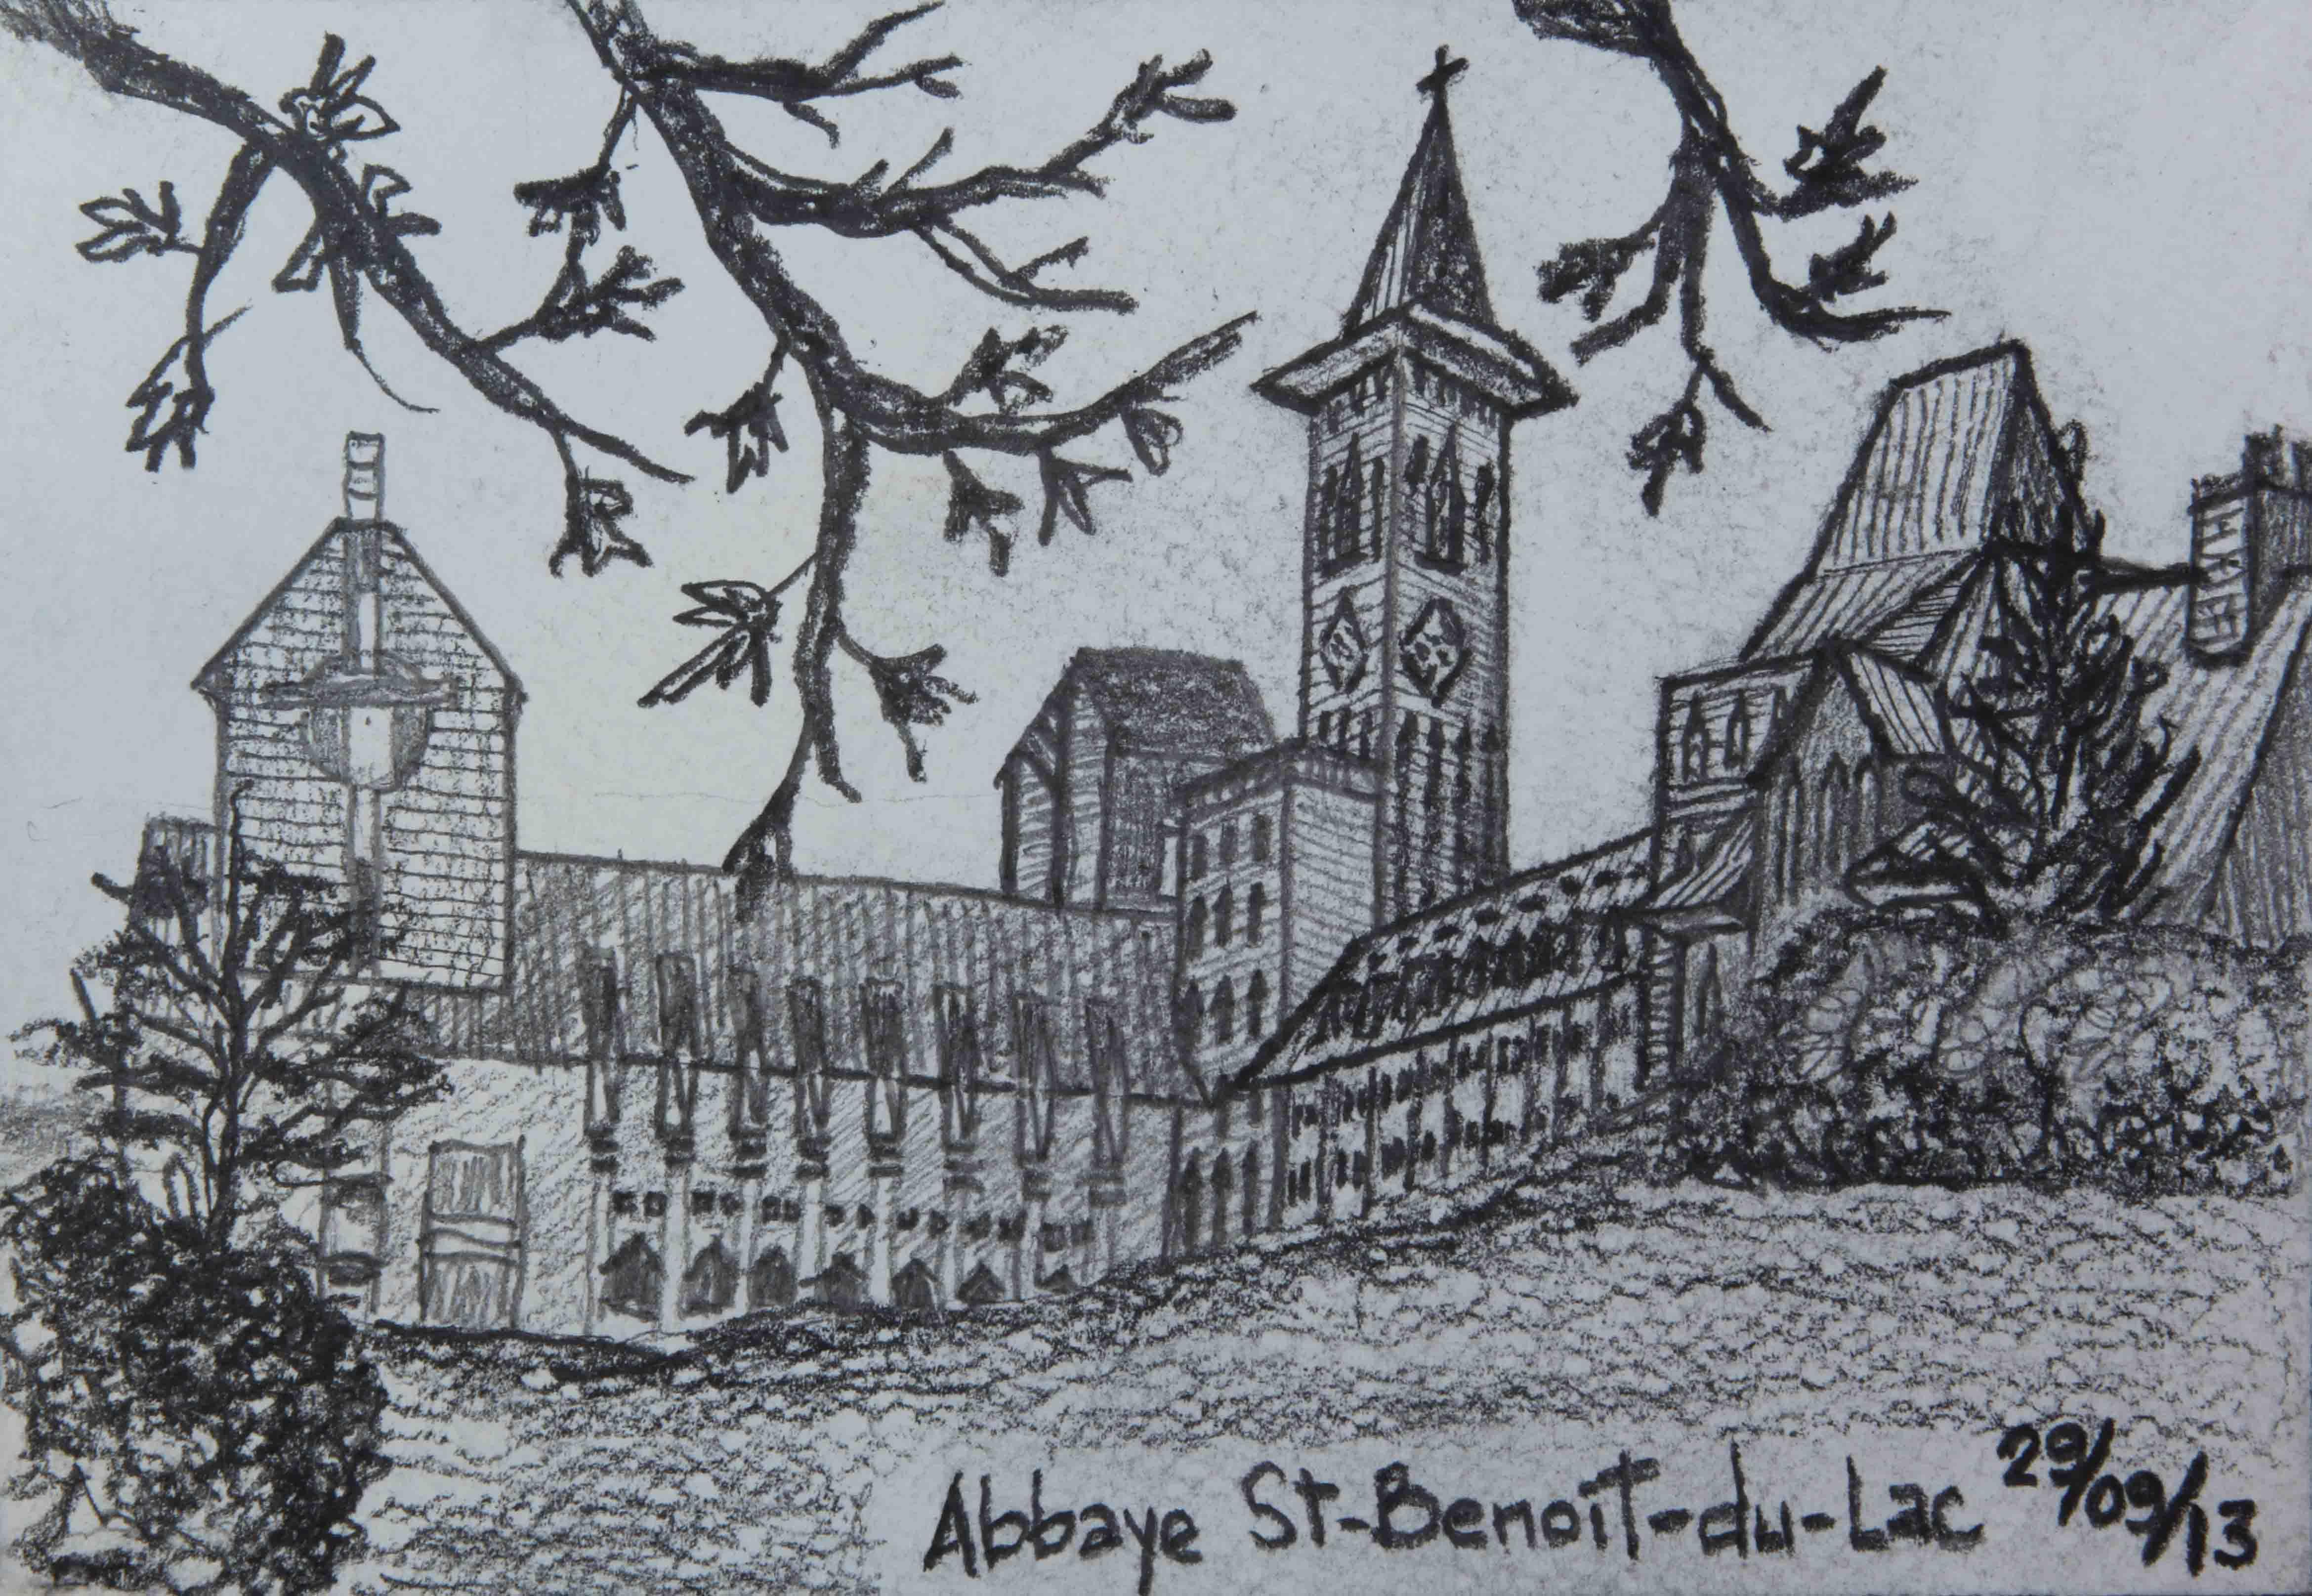 D20 Abbaye St-Benoît-du-Lac